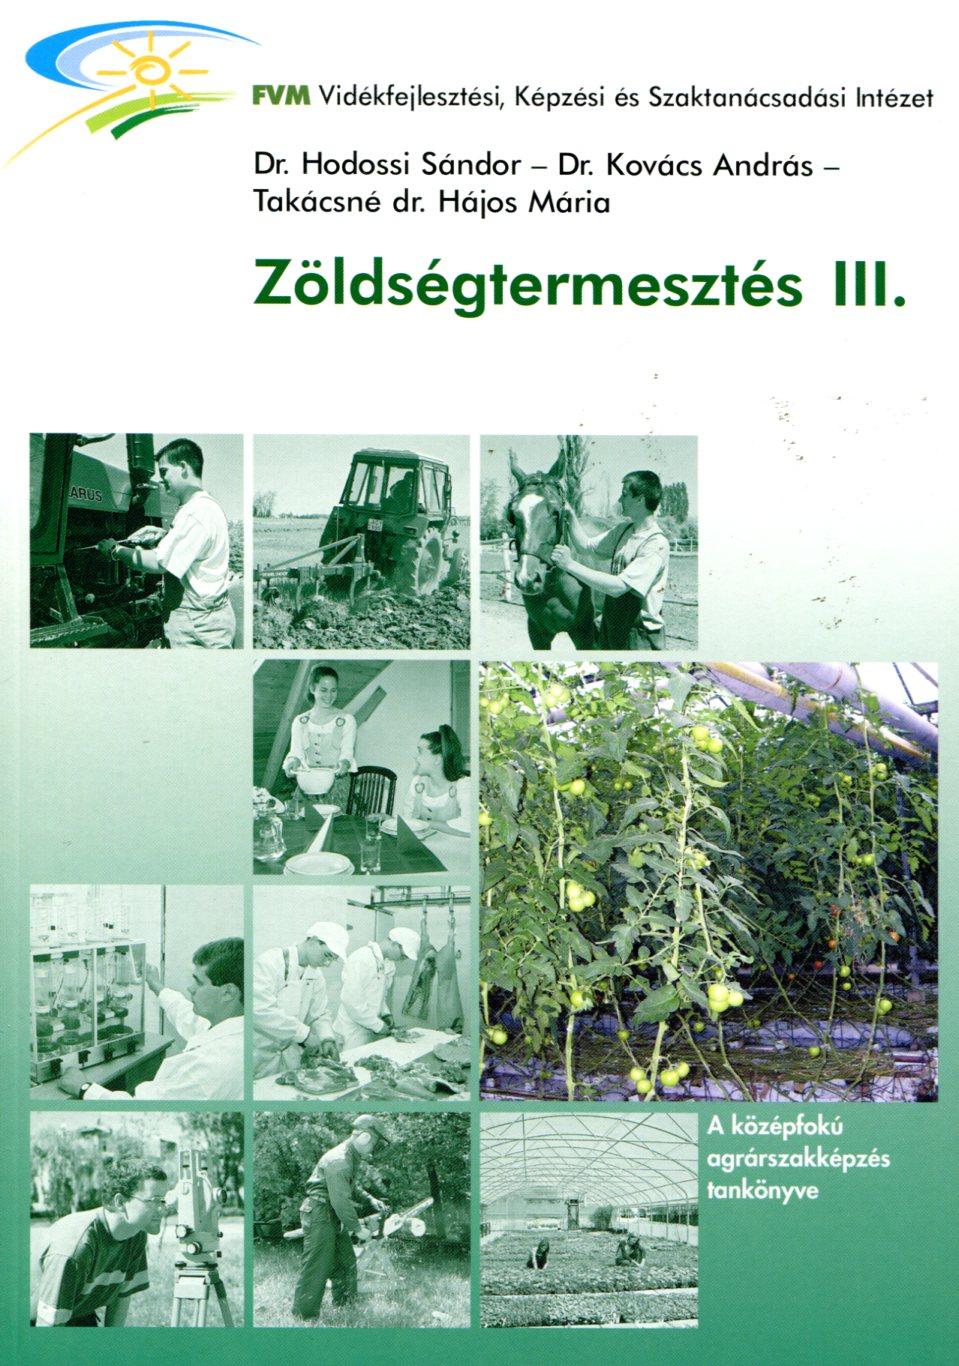 Zöldségtermesztés III.